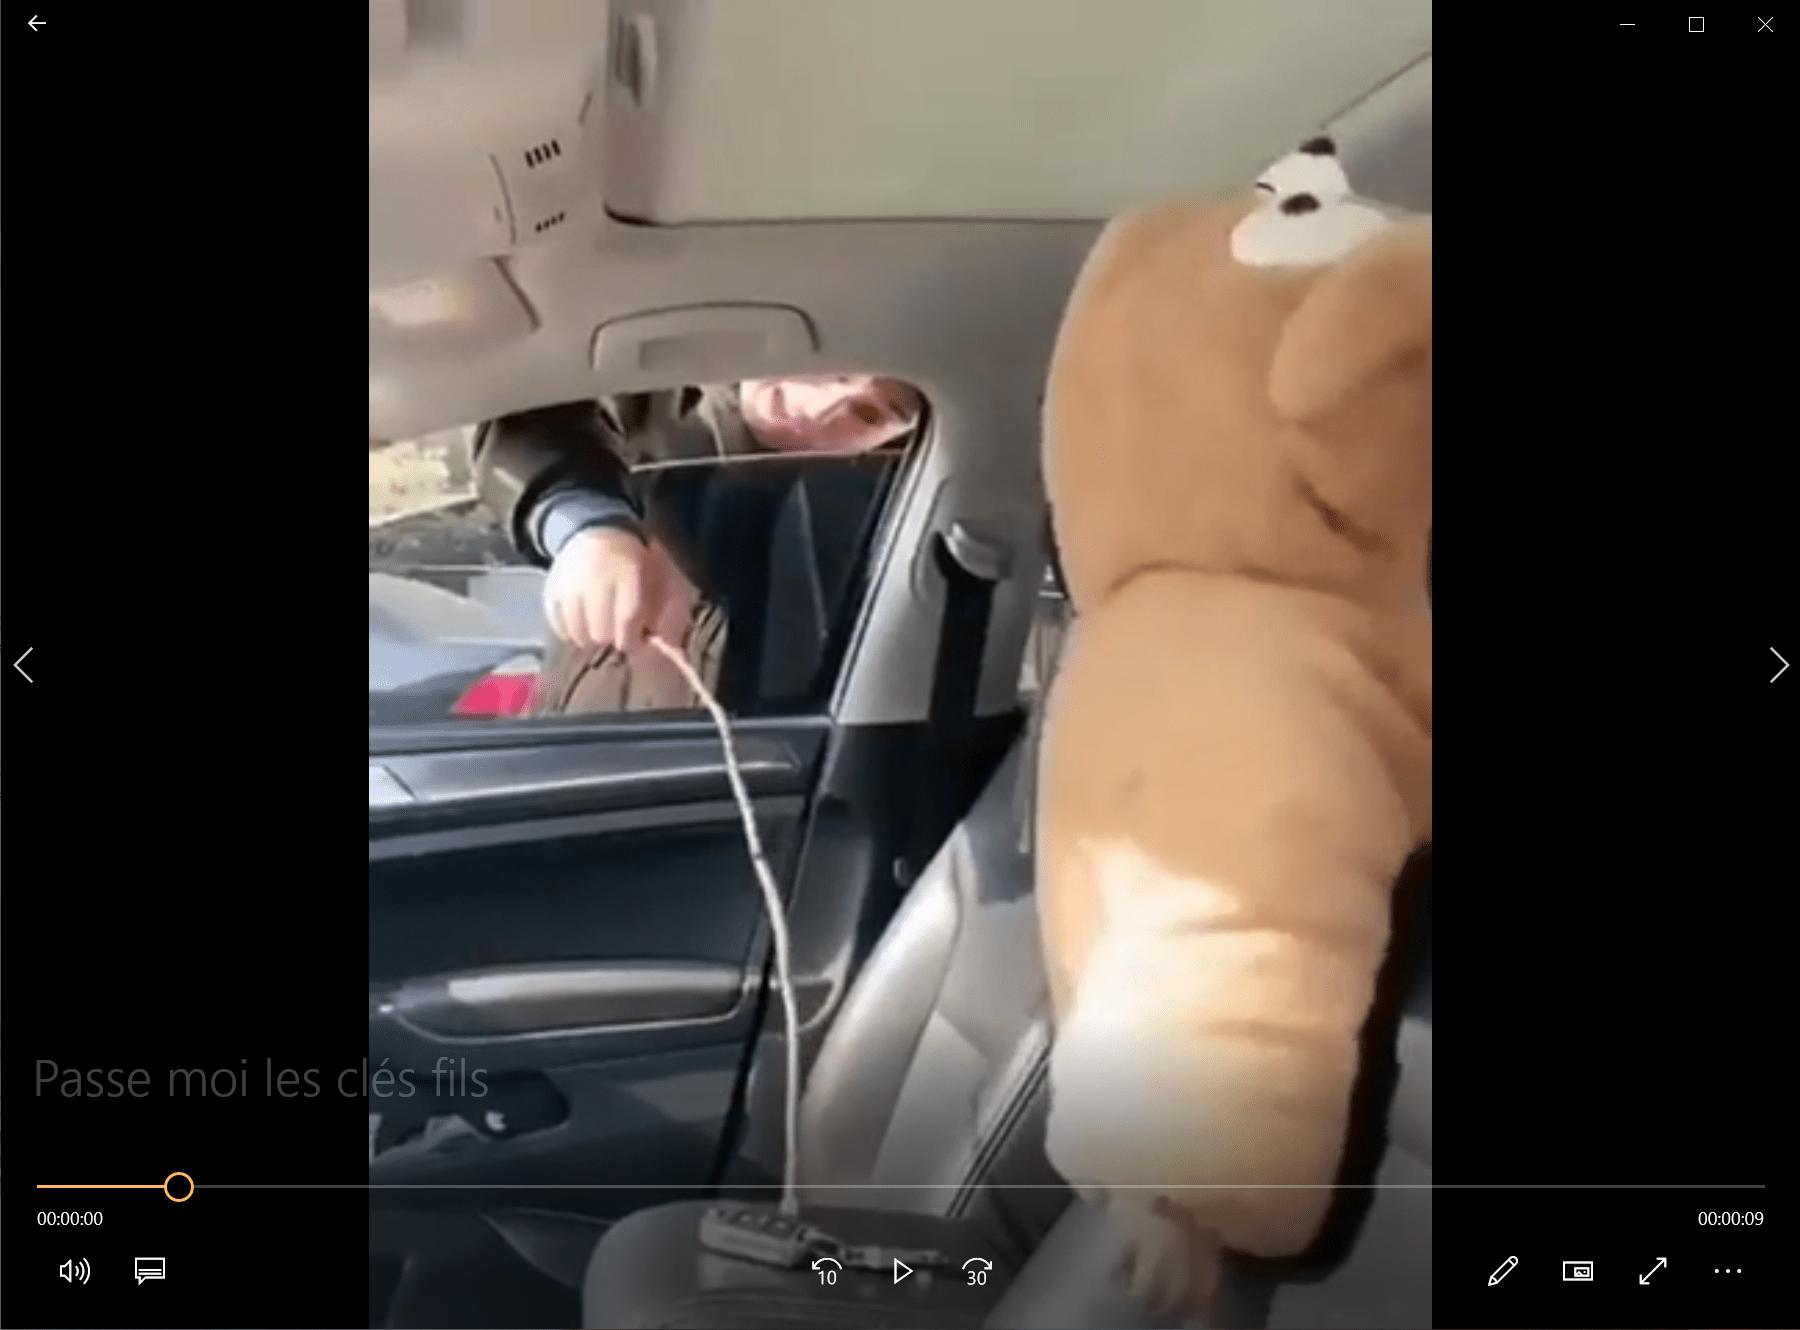 Passe moi les clés fils